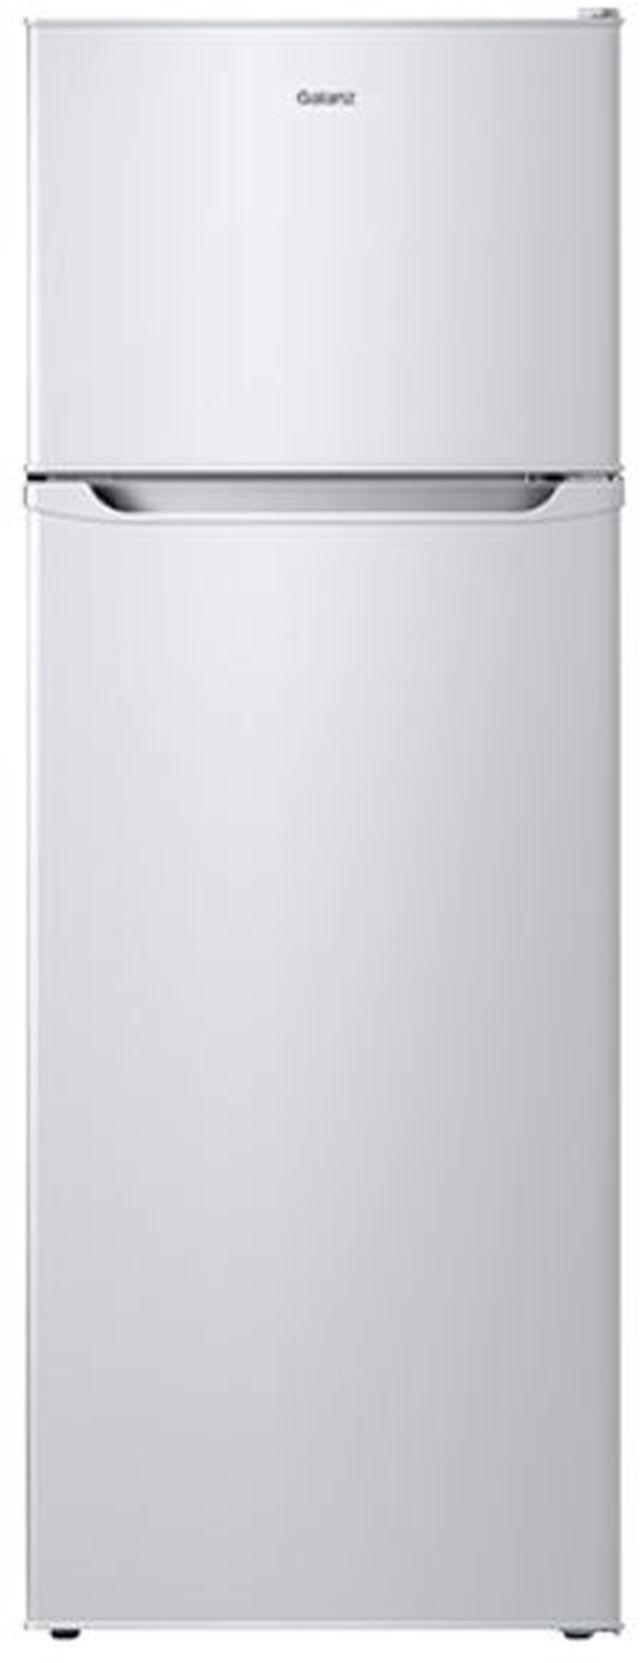 Galanz 12 Cu Ft. White Top Freezer Refrigerator-GLR12TWEF